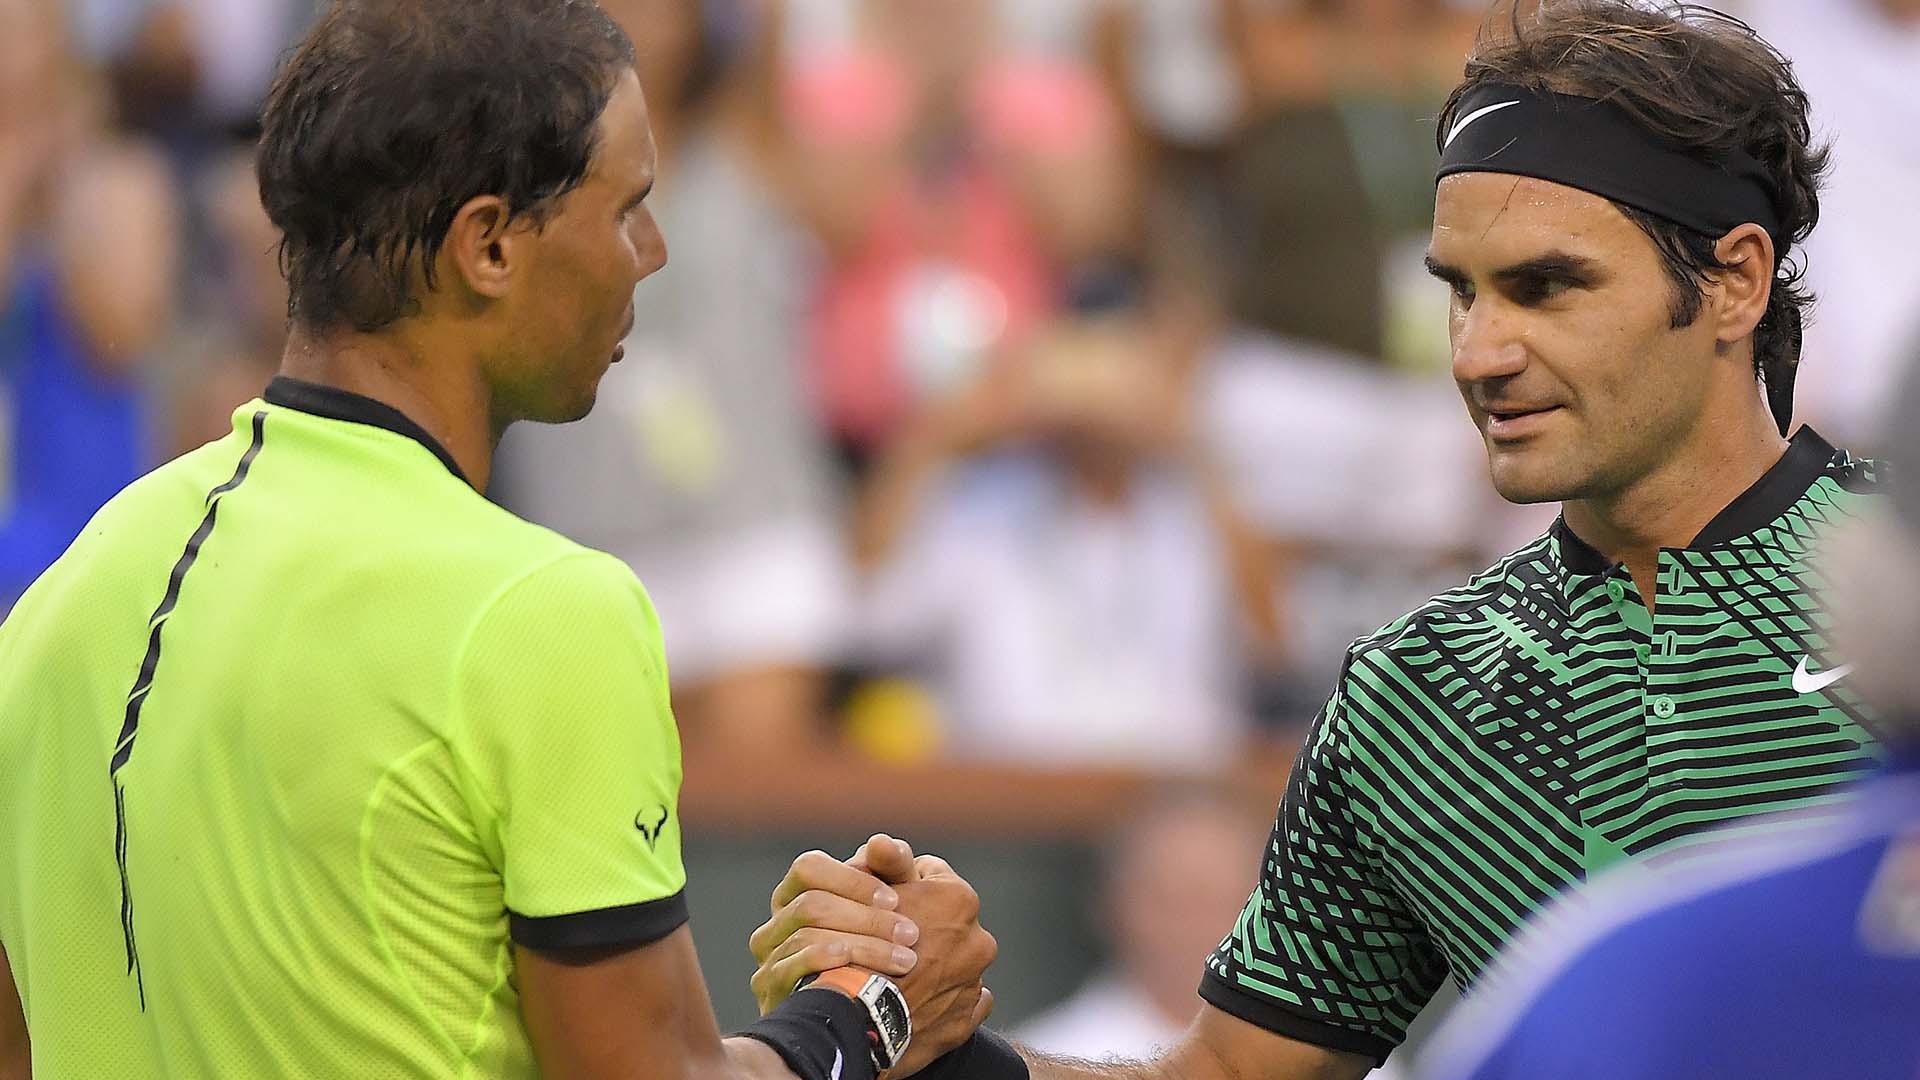 El suizo y el español se volvieron a cruzaro en Indian Wells (AP)